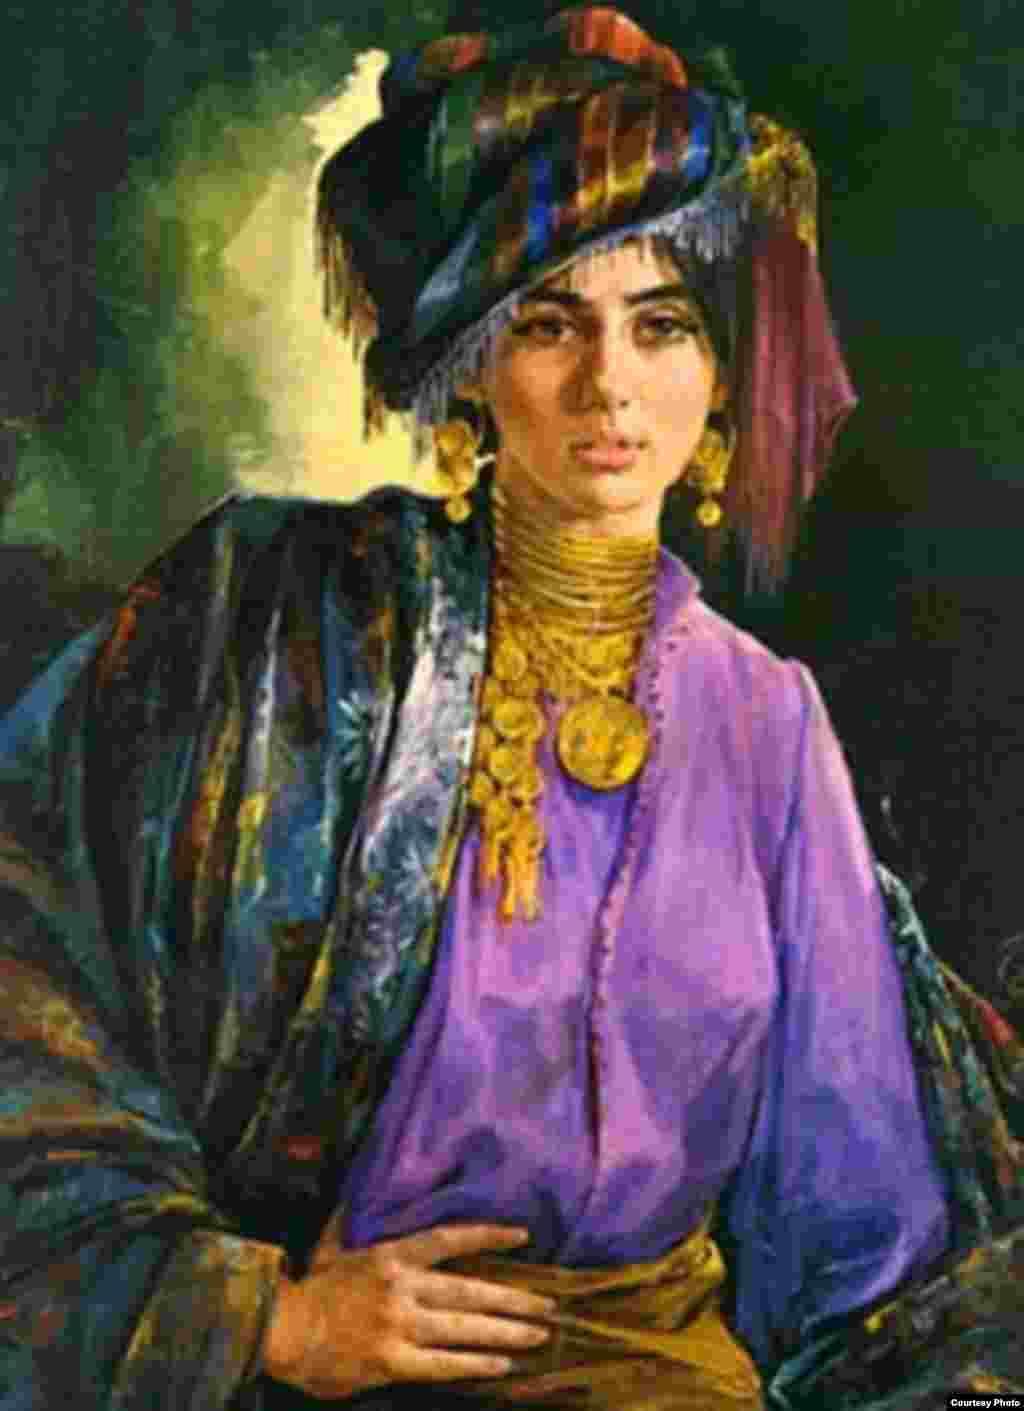 Iran -- Abas katouzian works, 18Apr2008